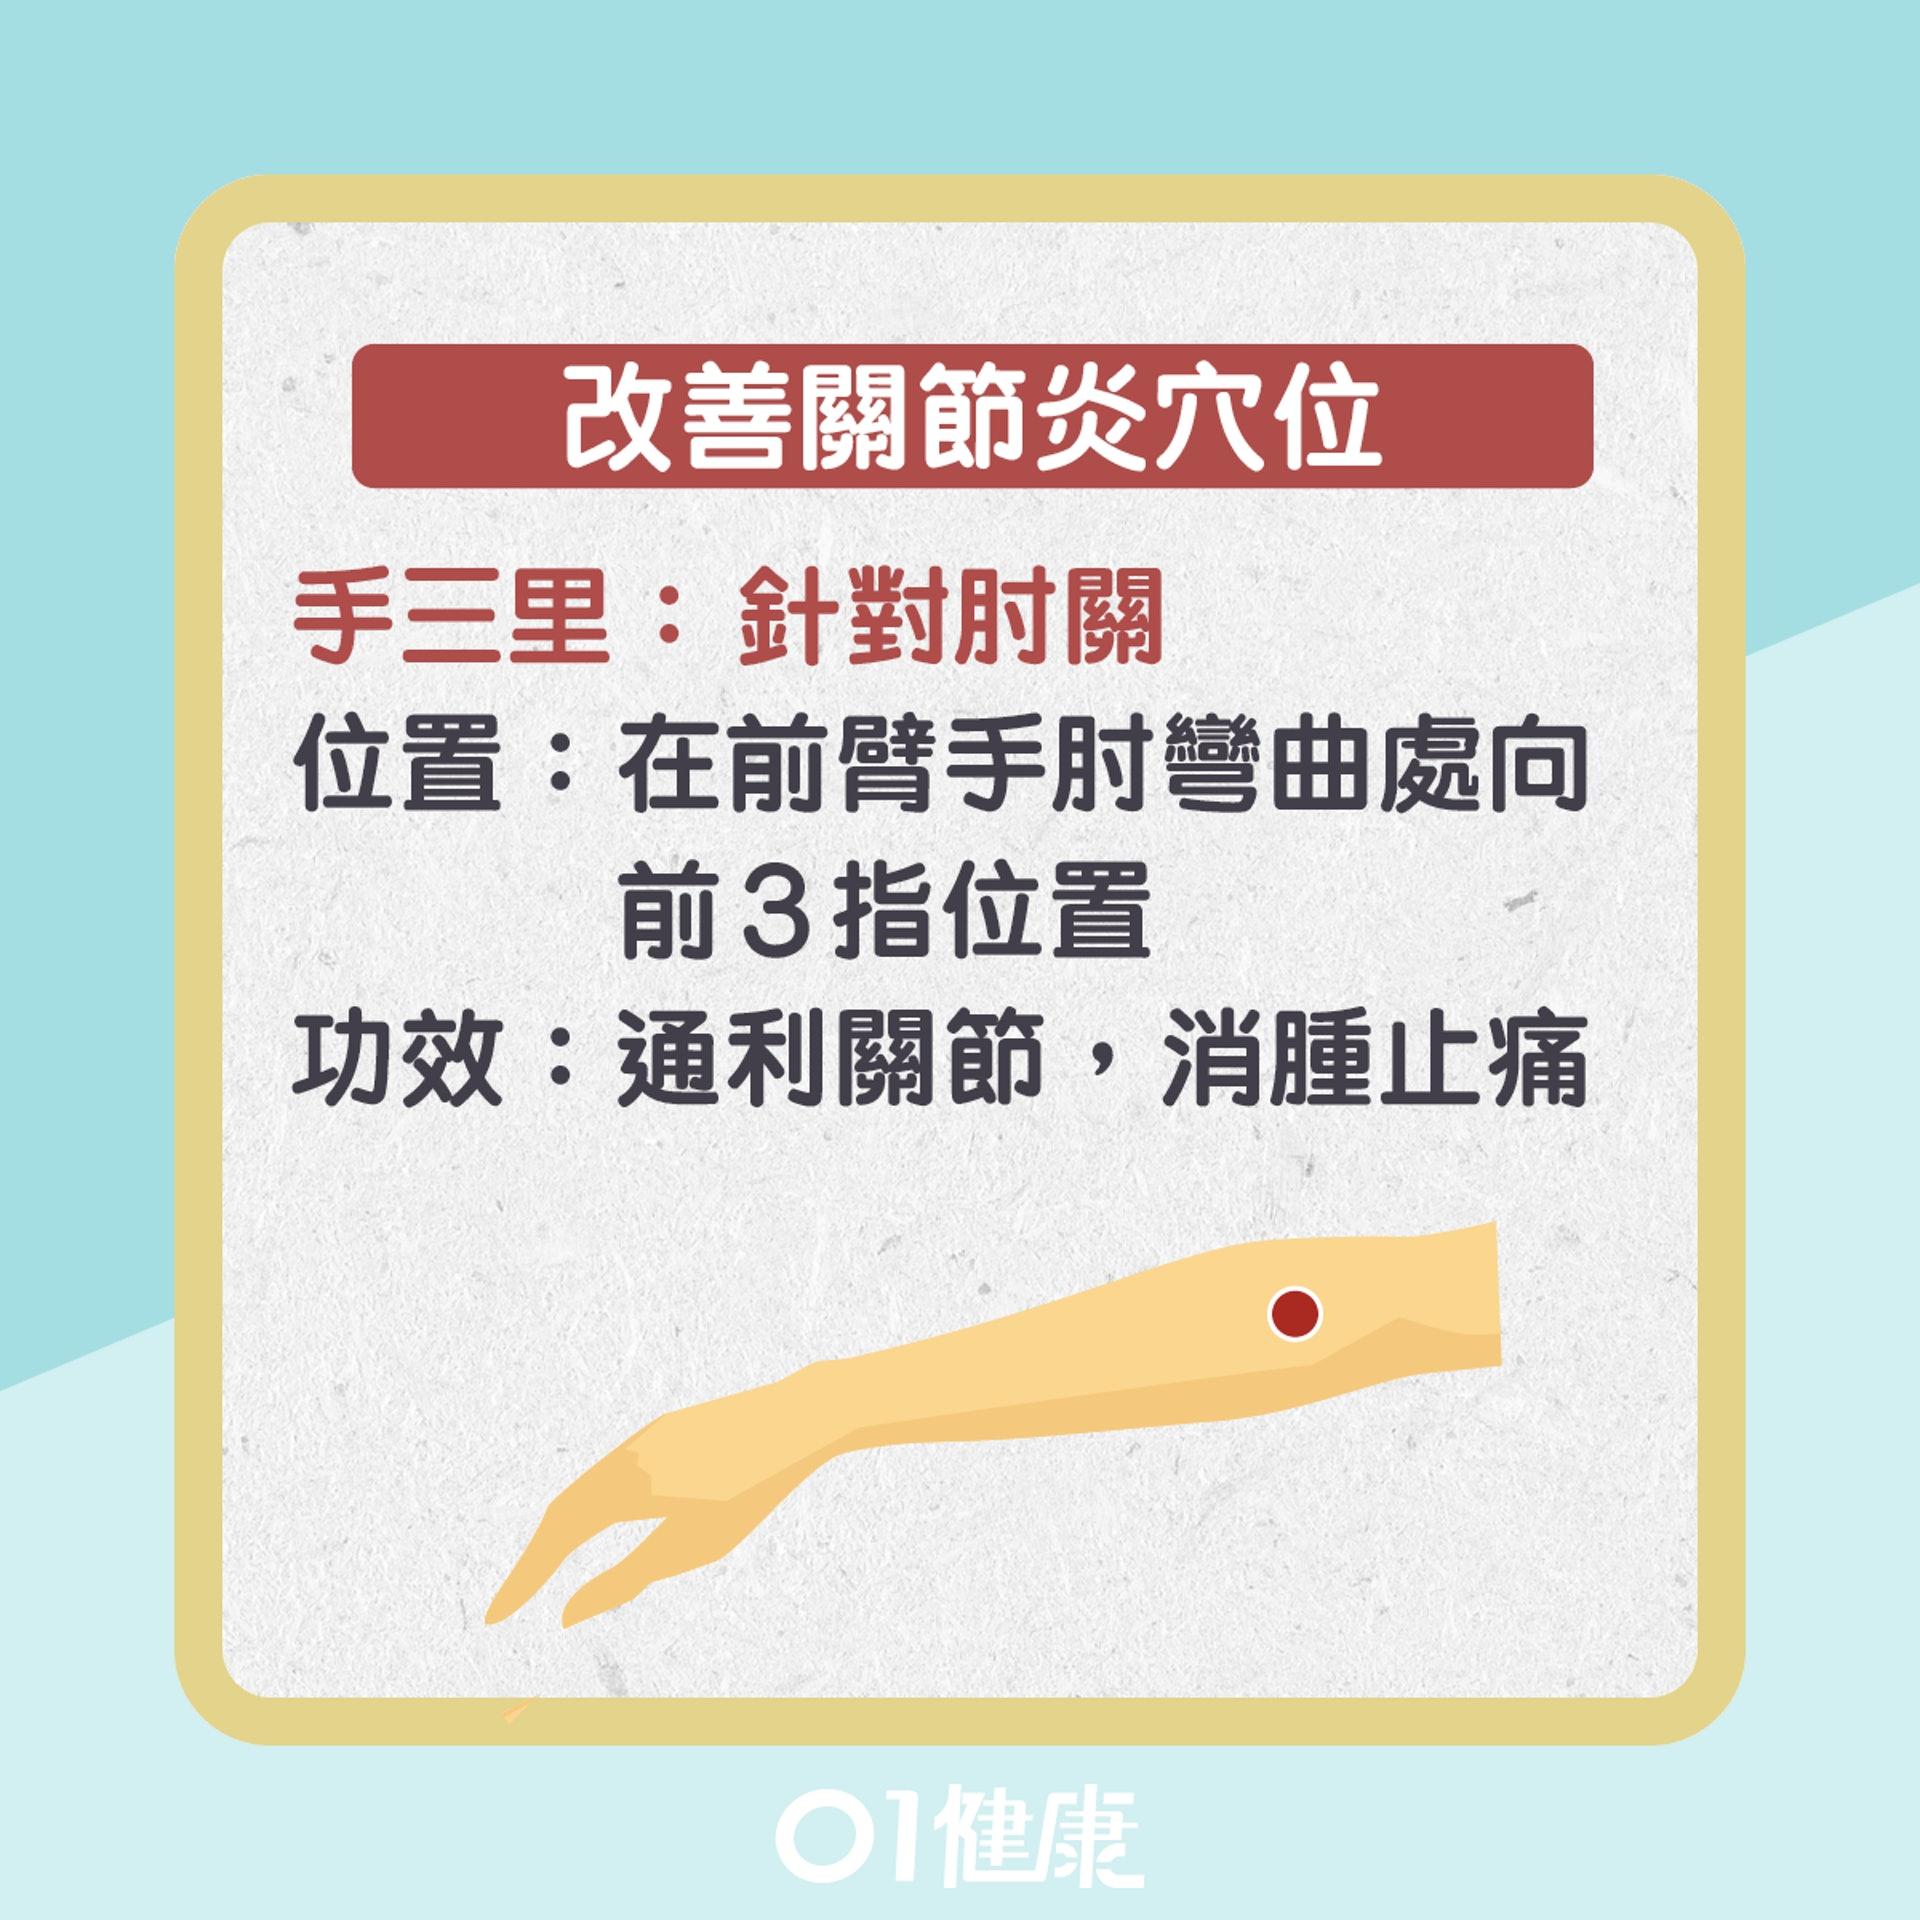 改善入秋關節炎穴位(01製圖)